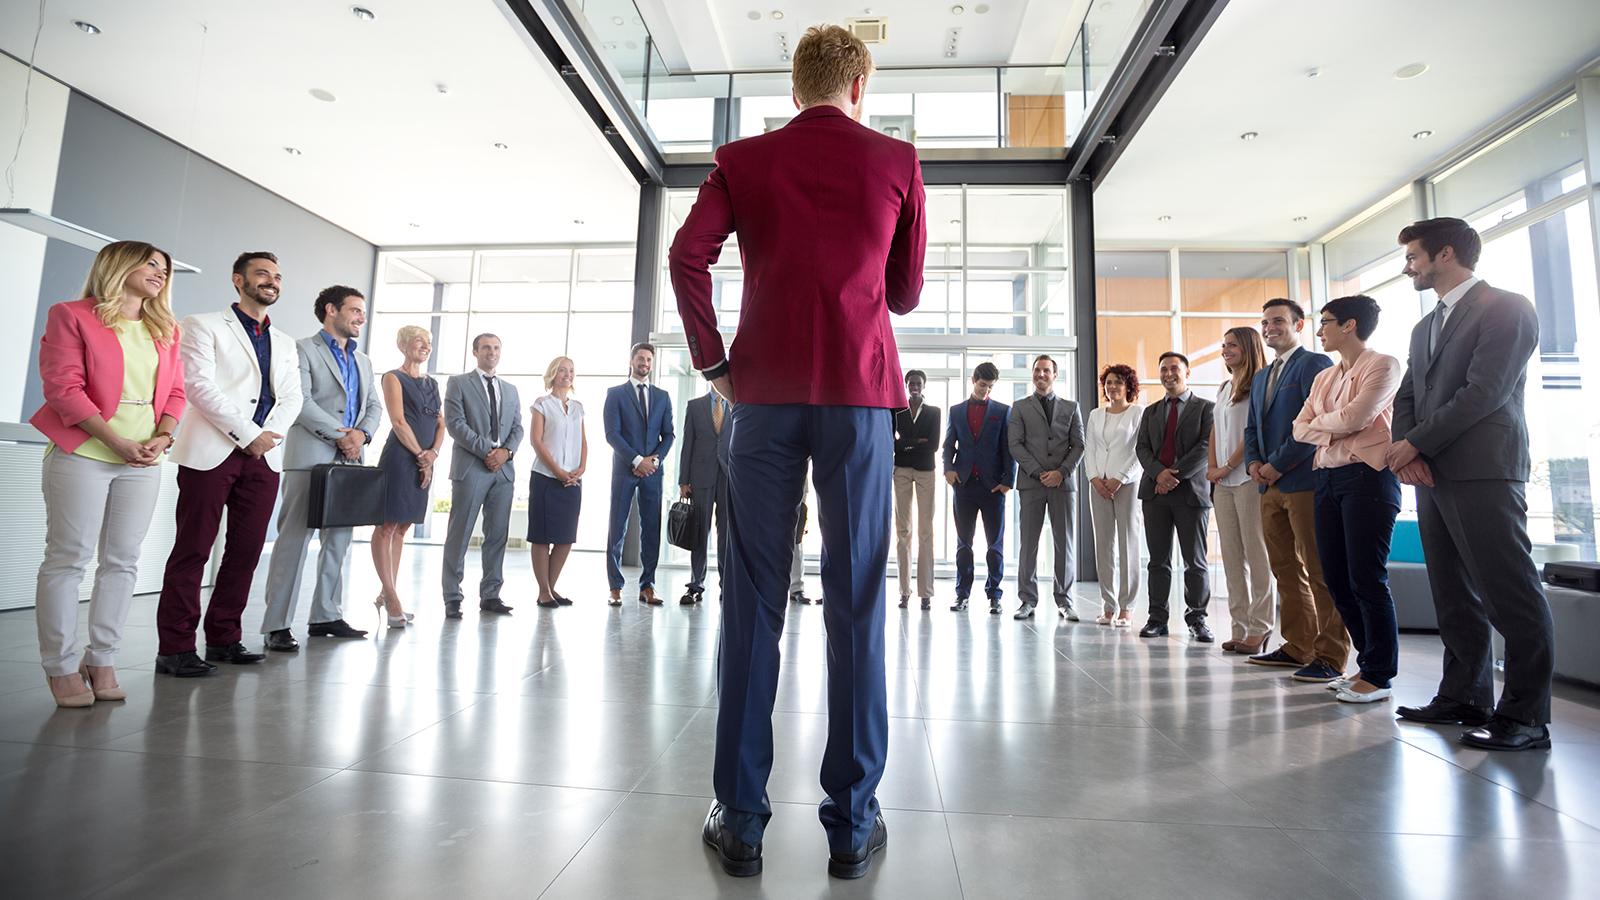 Лидер может отказаться от своей роли и уступить место другому